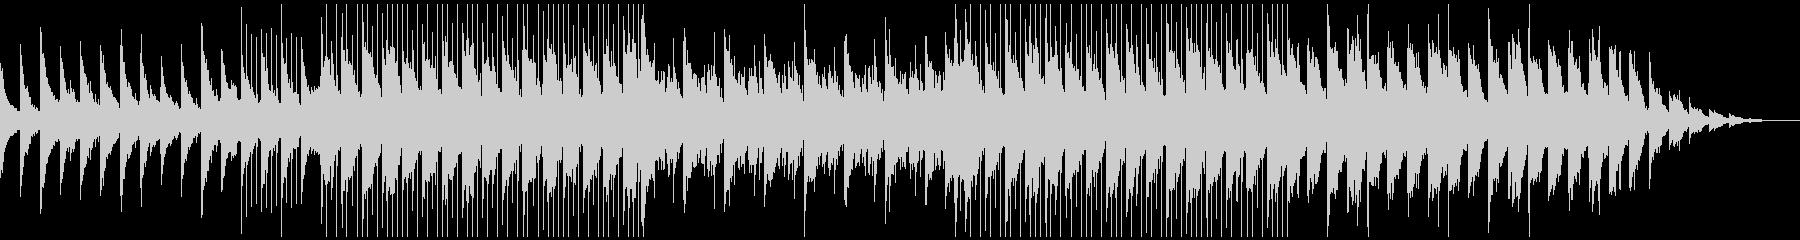 ピアノがキラキラ綺麗なBGM7の未再生の波形